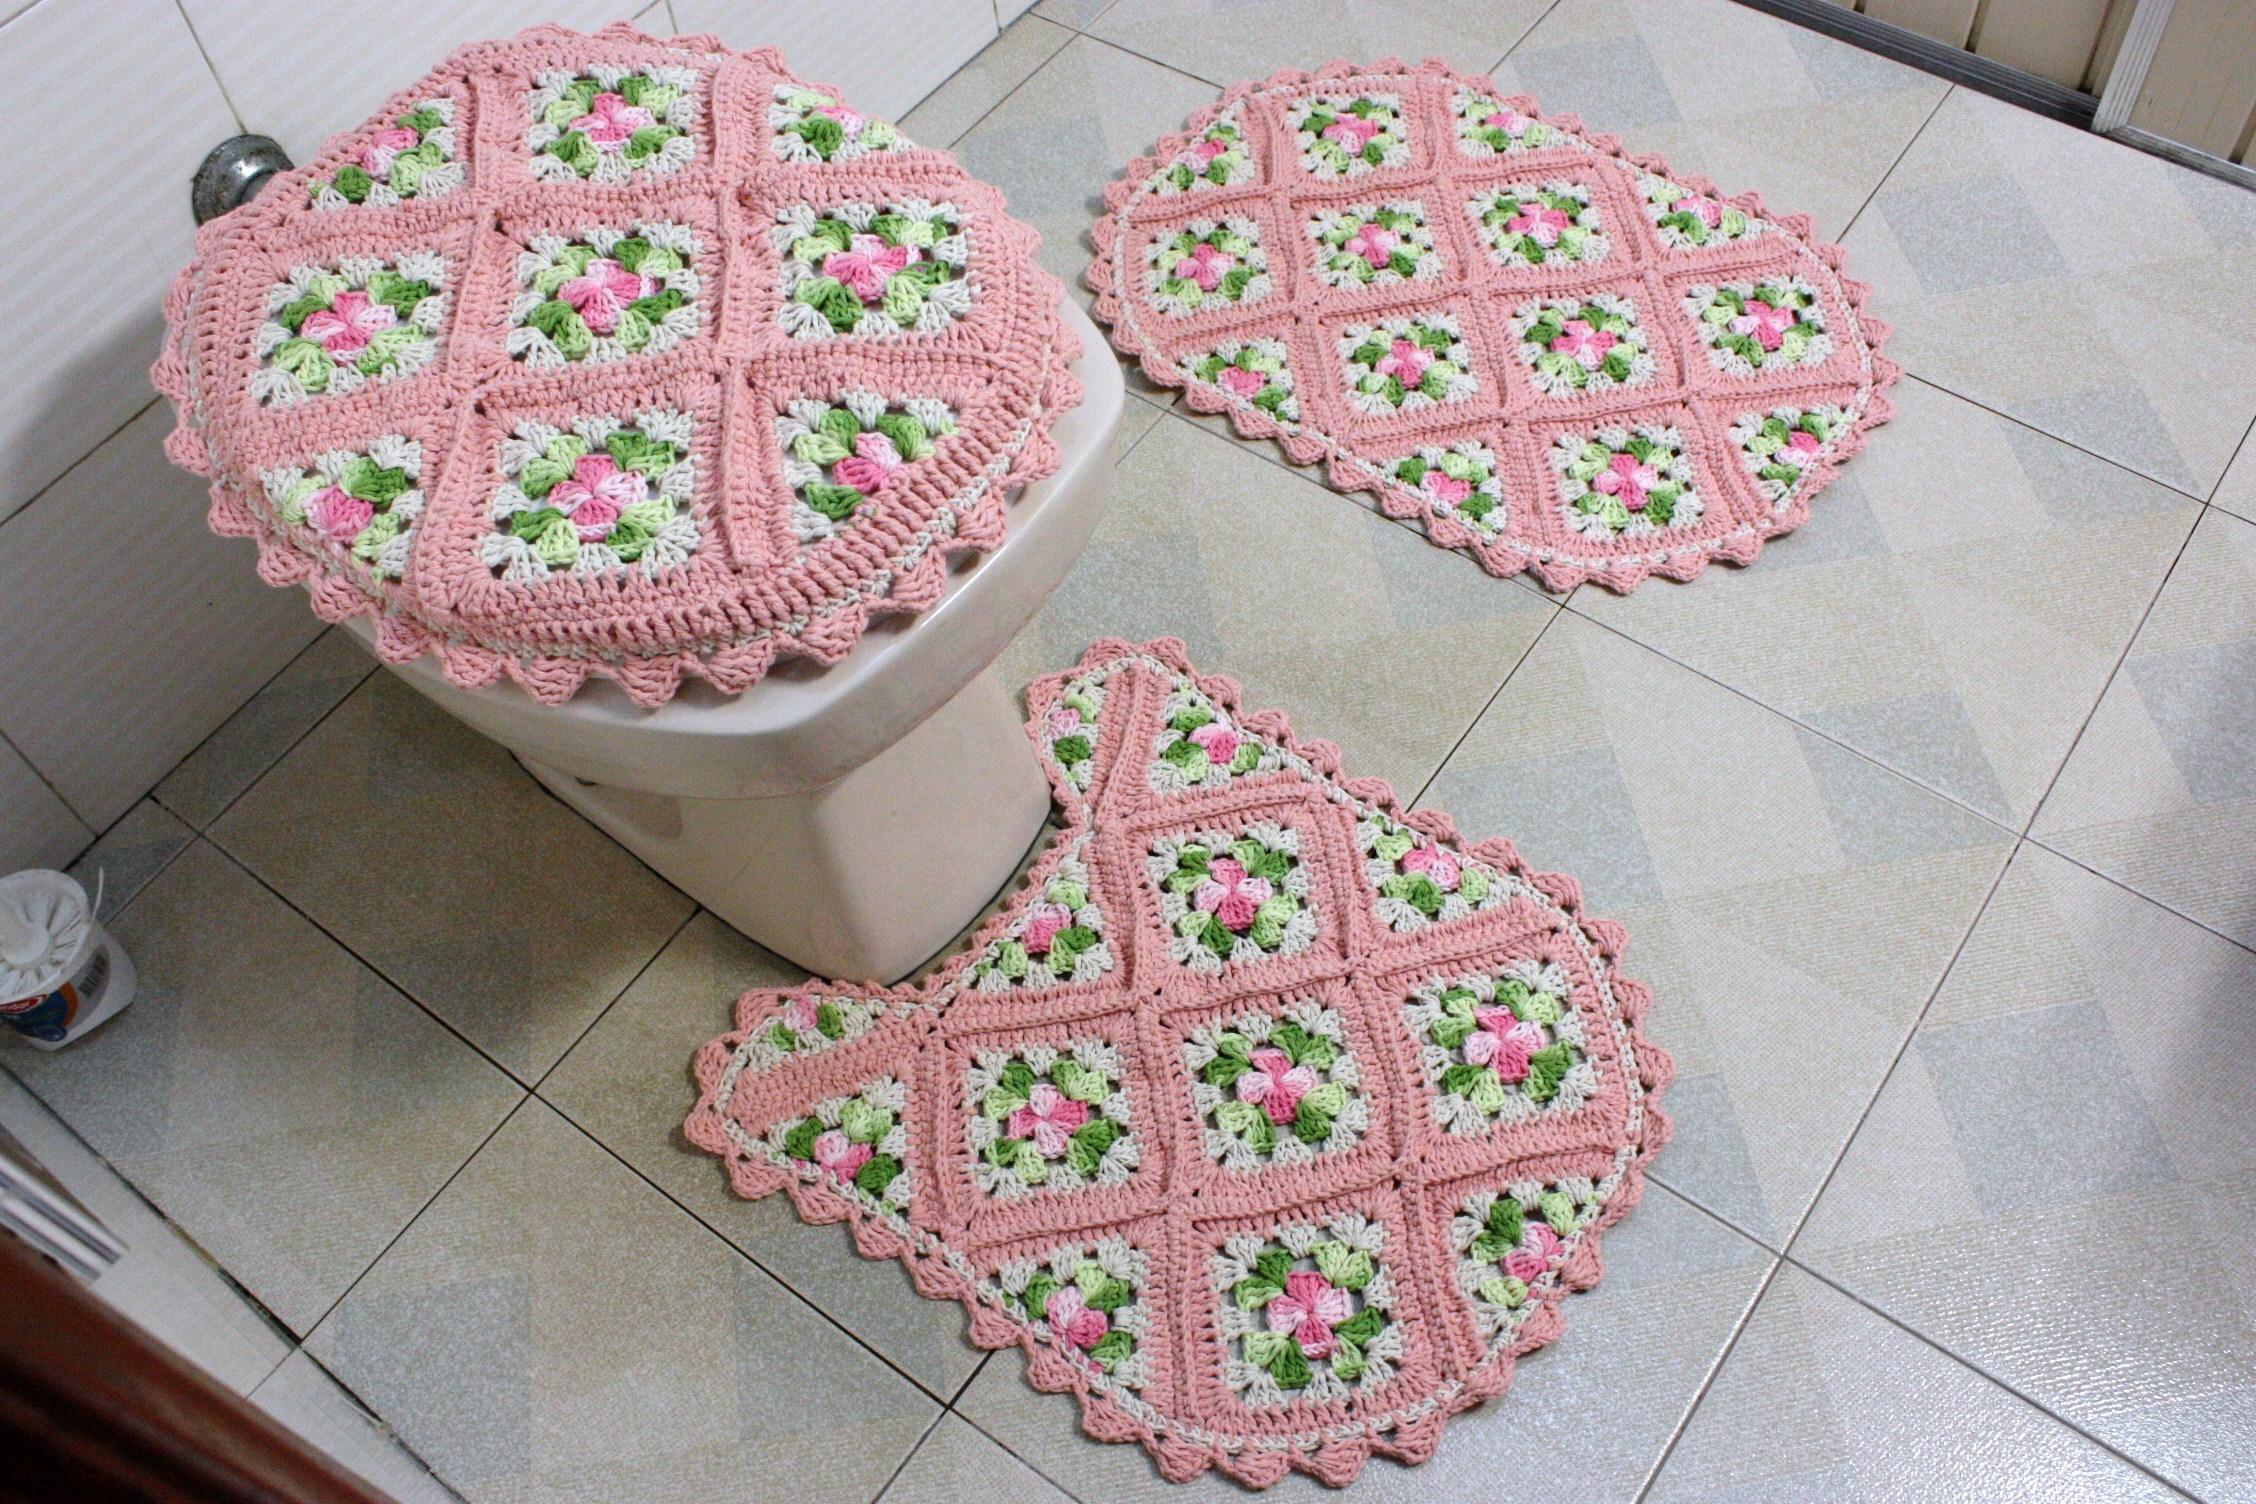 jogo de banheiro salmao jogo de banheiro salmao #8C3F53 2256 1504